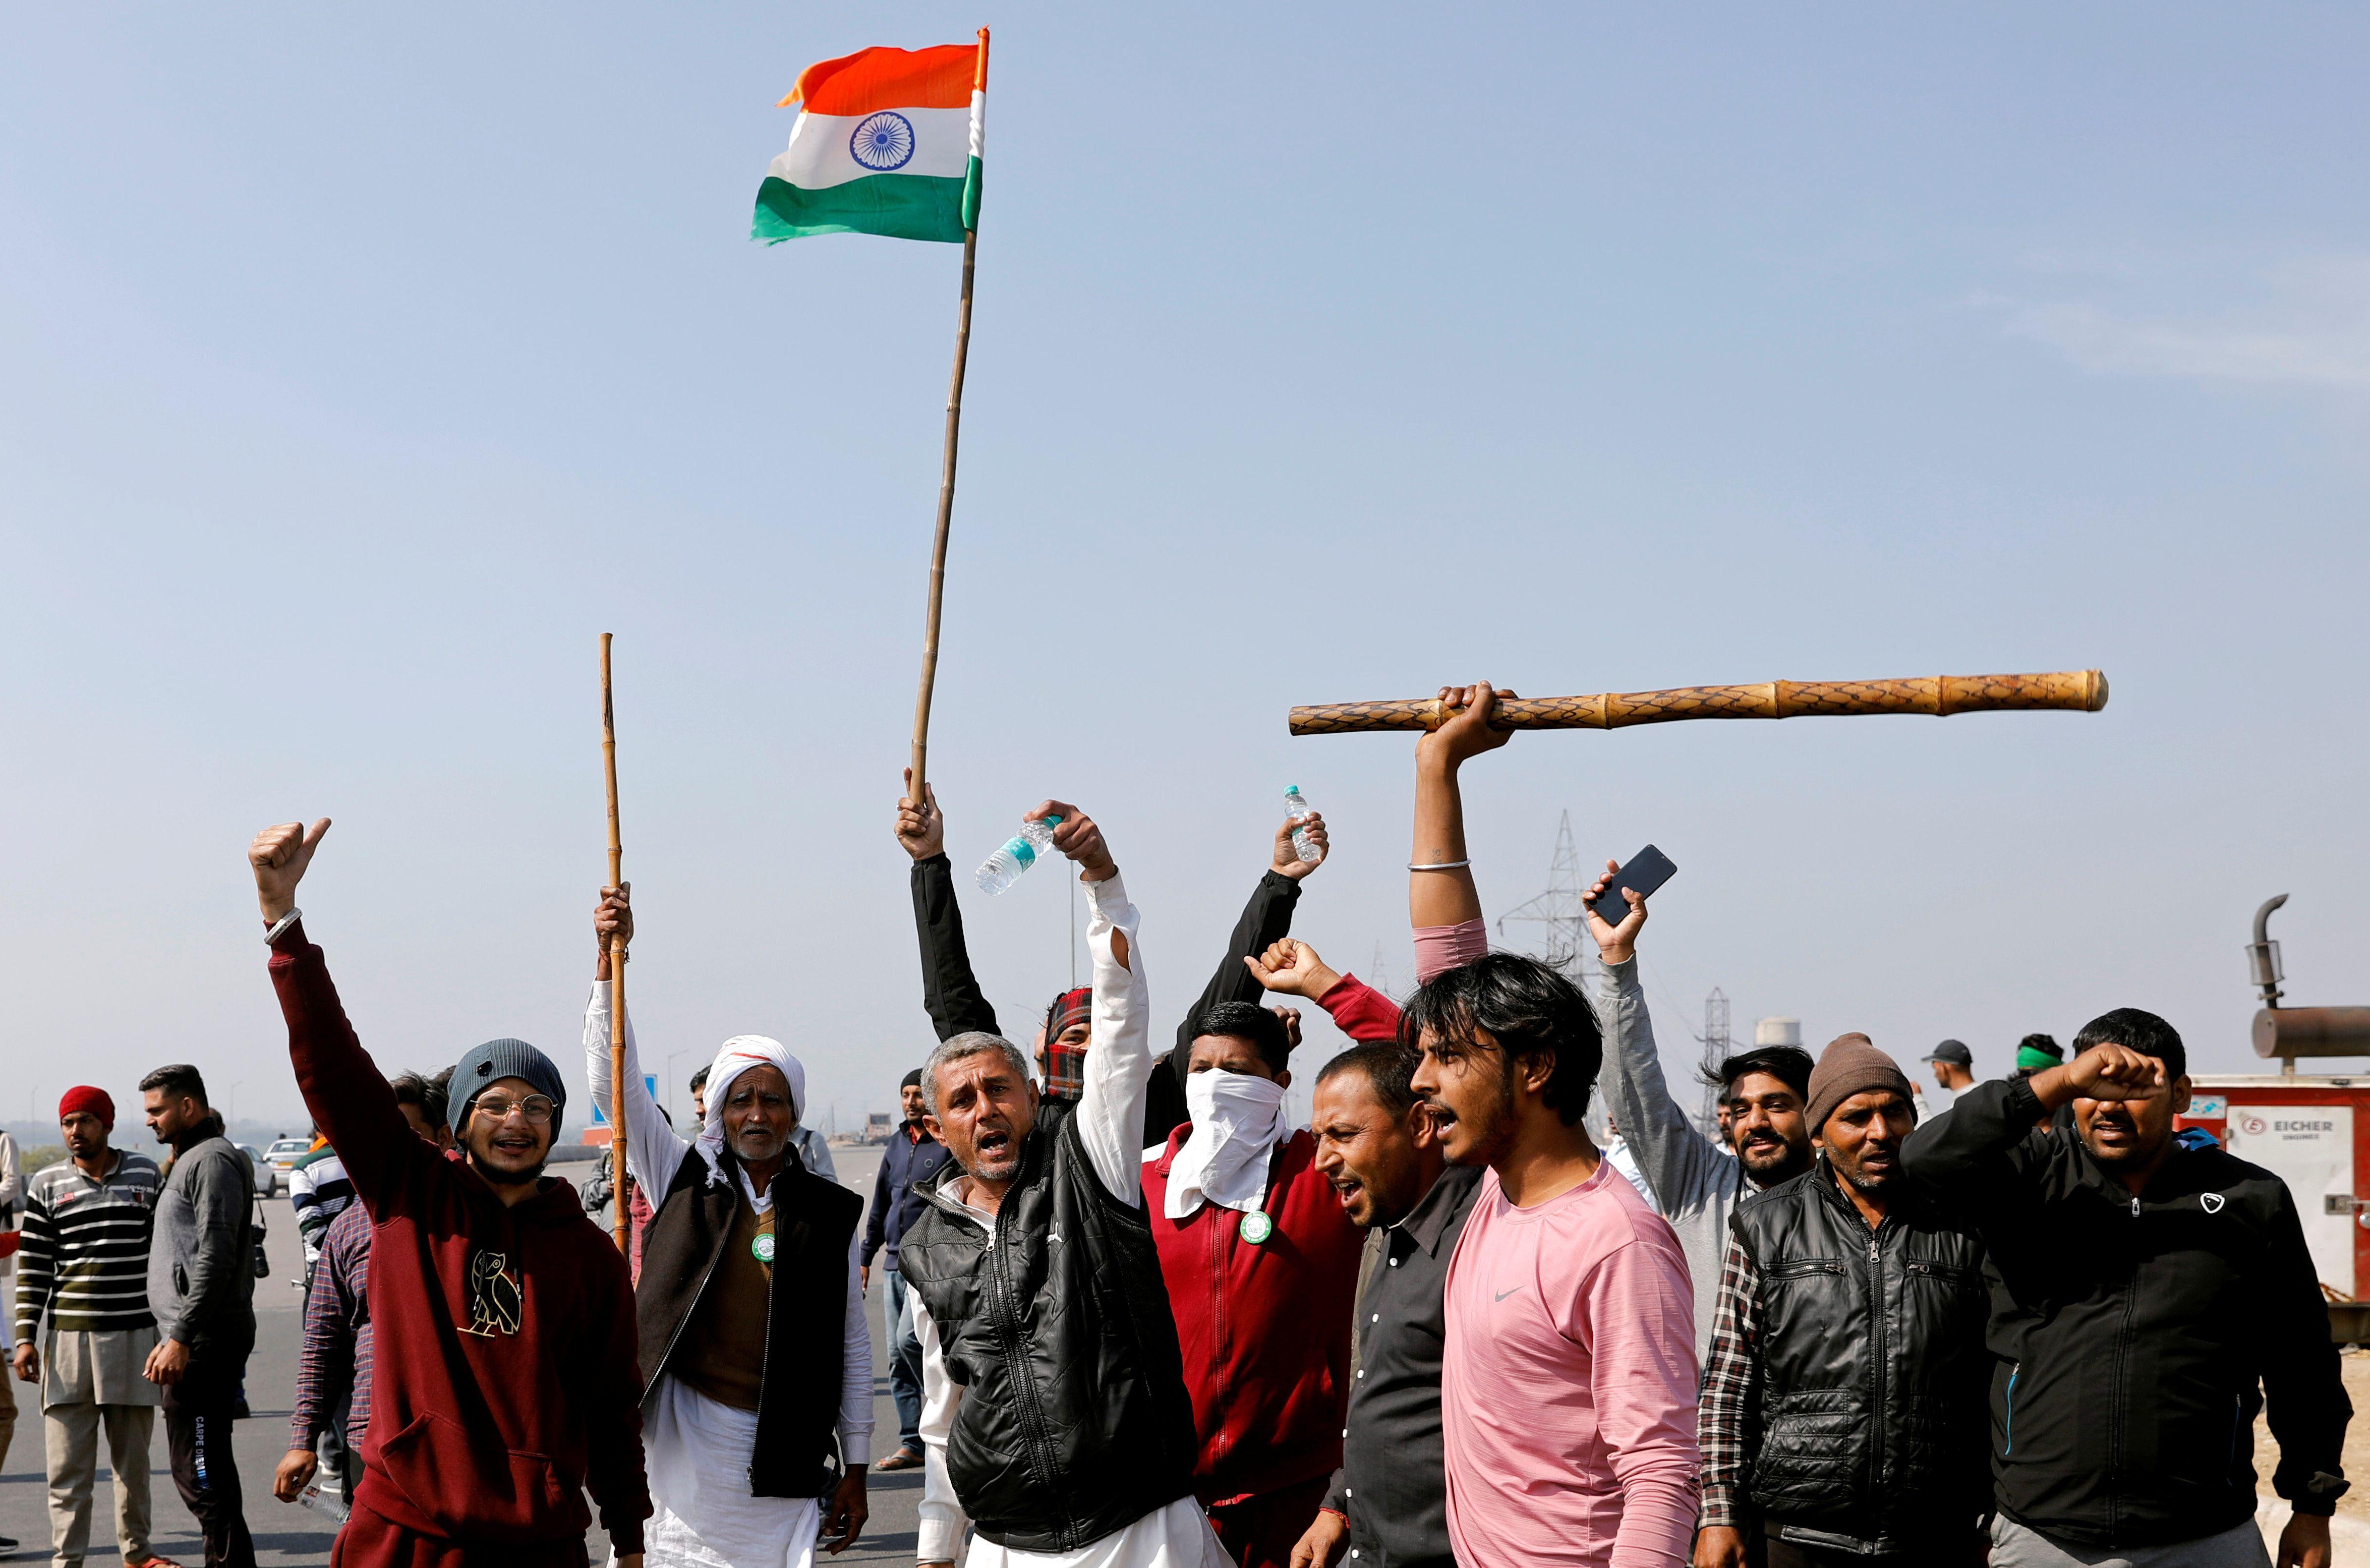 Agricultores protestan contra las leyes agrícolas en una carretera en las afueras de Nueva Delhi, India, el 6 de febrero de 2021. REUTERS / Adnan Abidi